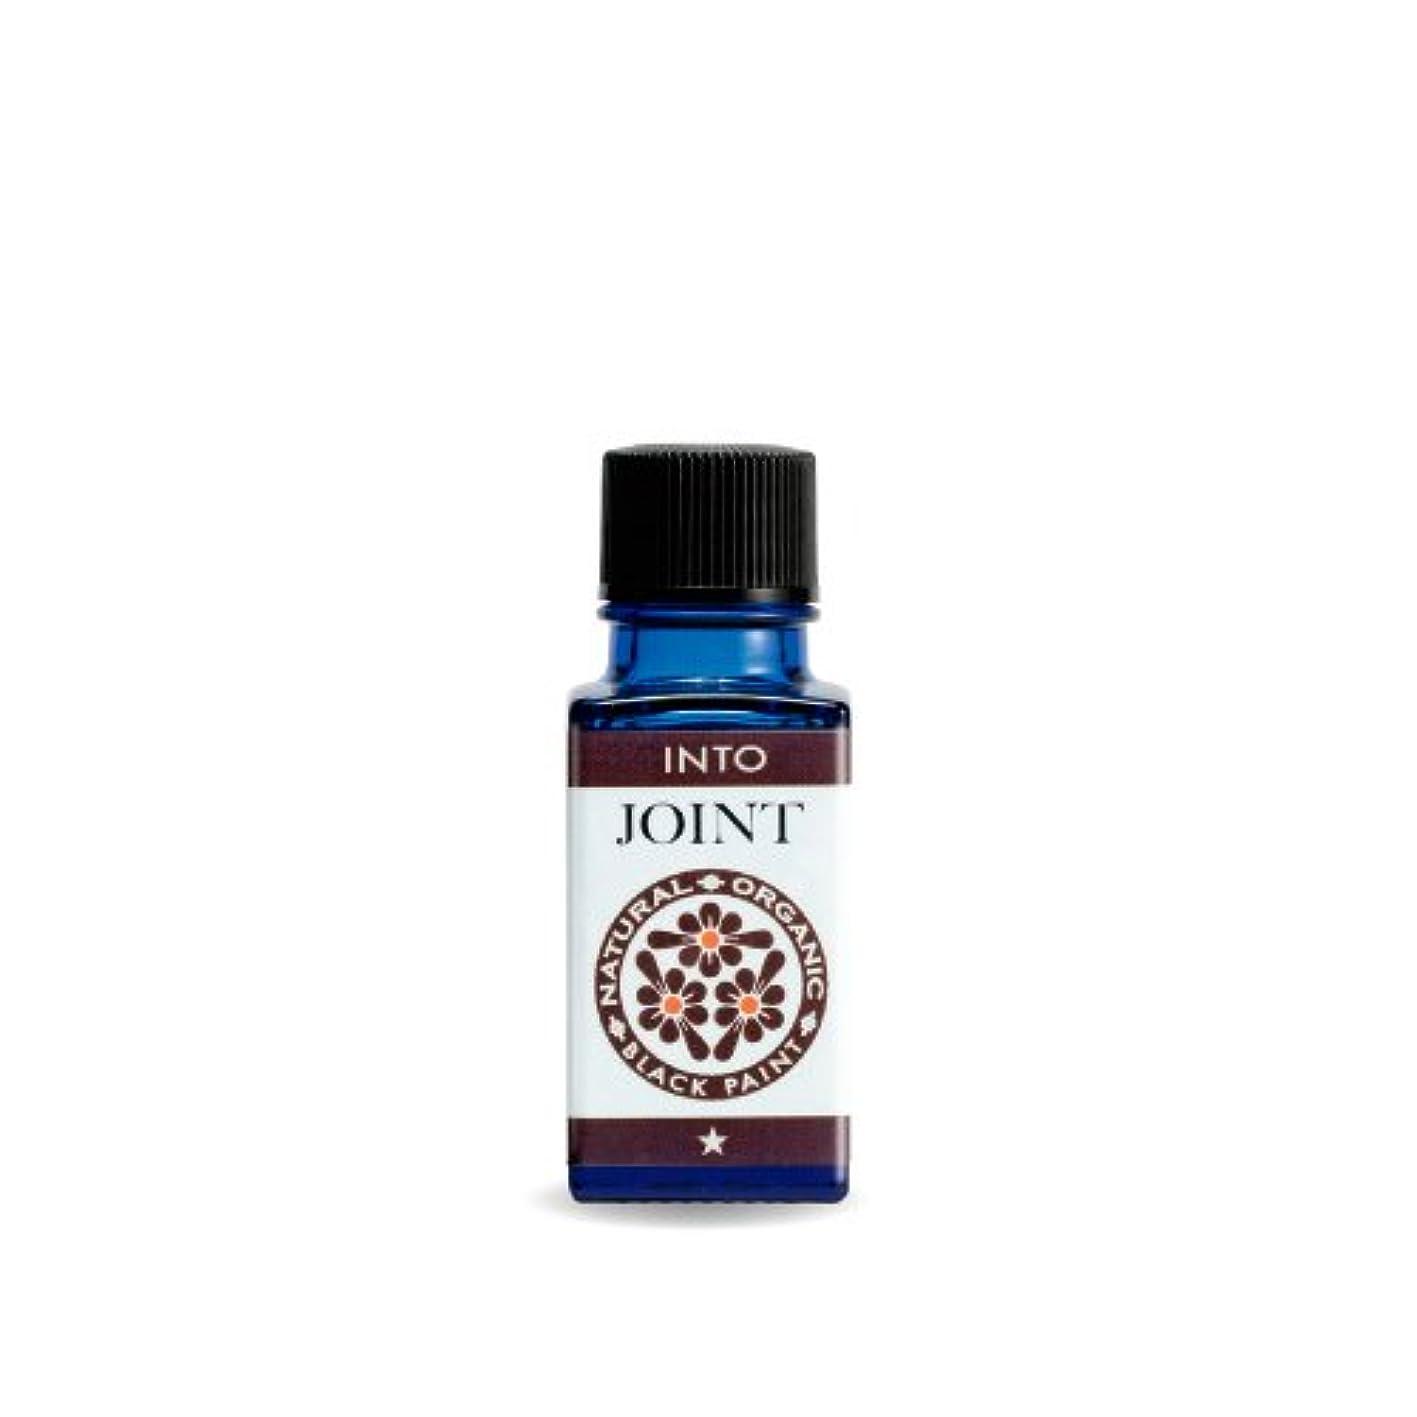 絶壁ラッドヤードキップリング禁じる関節用 エッセンシャルオイル 美容液 INTO ジョイント 10ml ブラックペイント